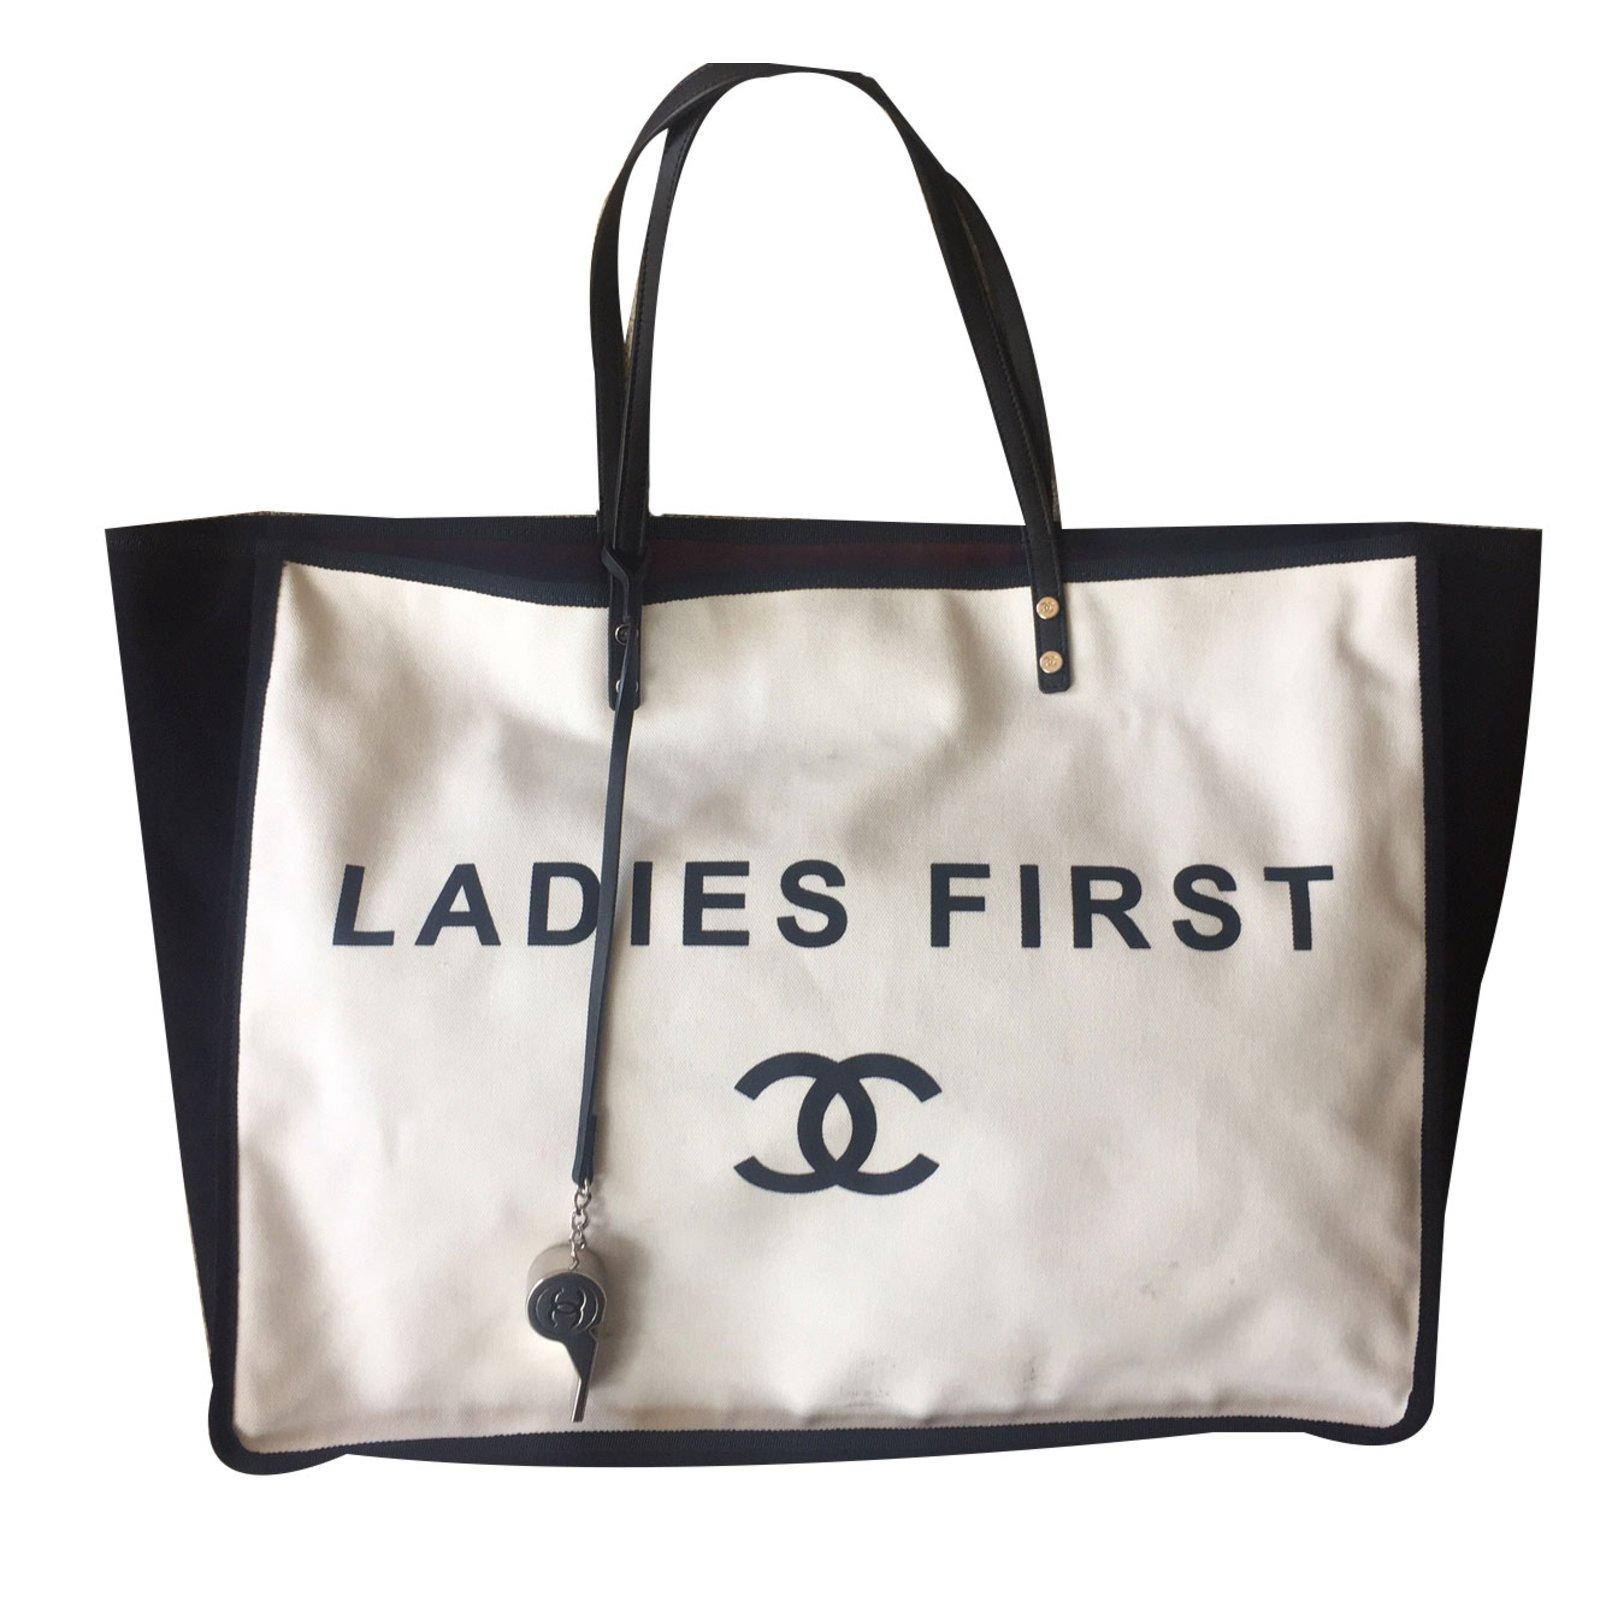 Chanel Handbag Handbags Cotton Cream Ref 41286